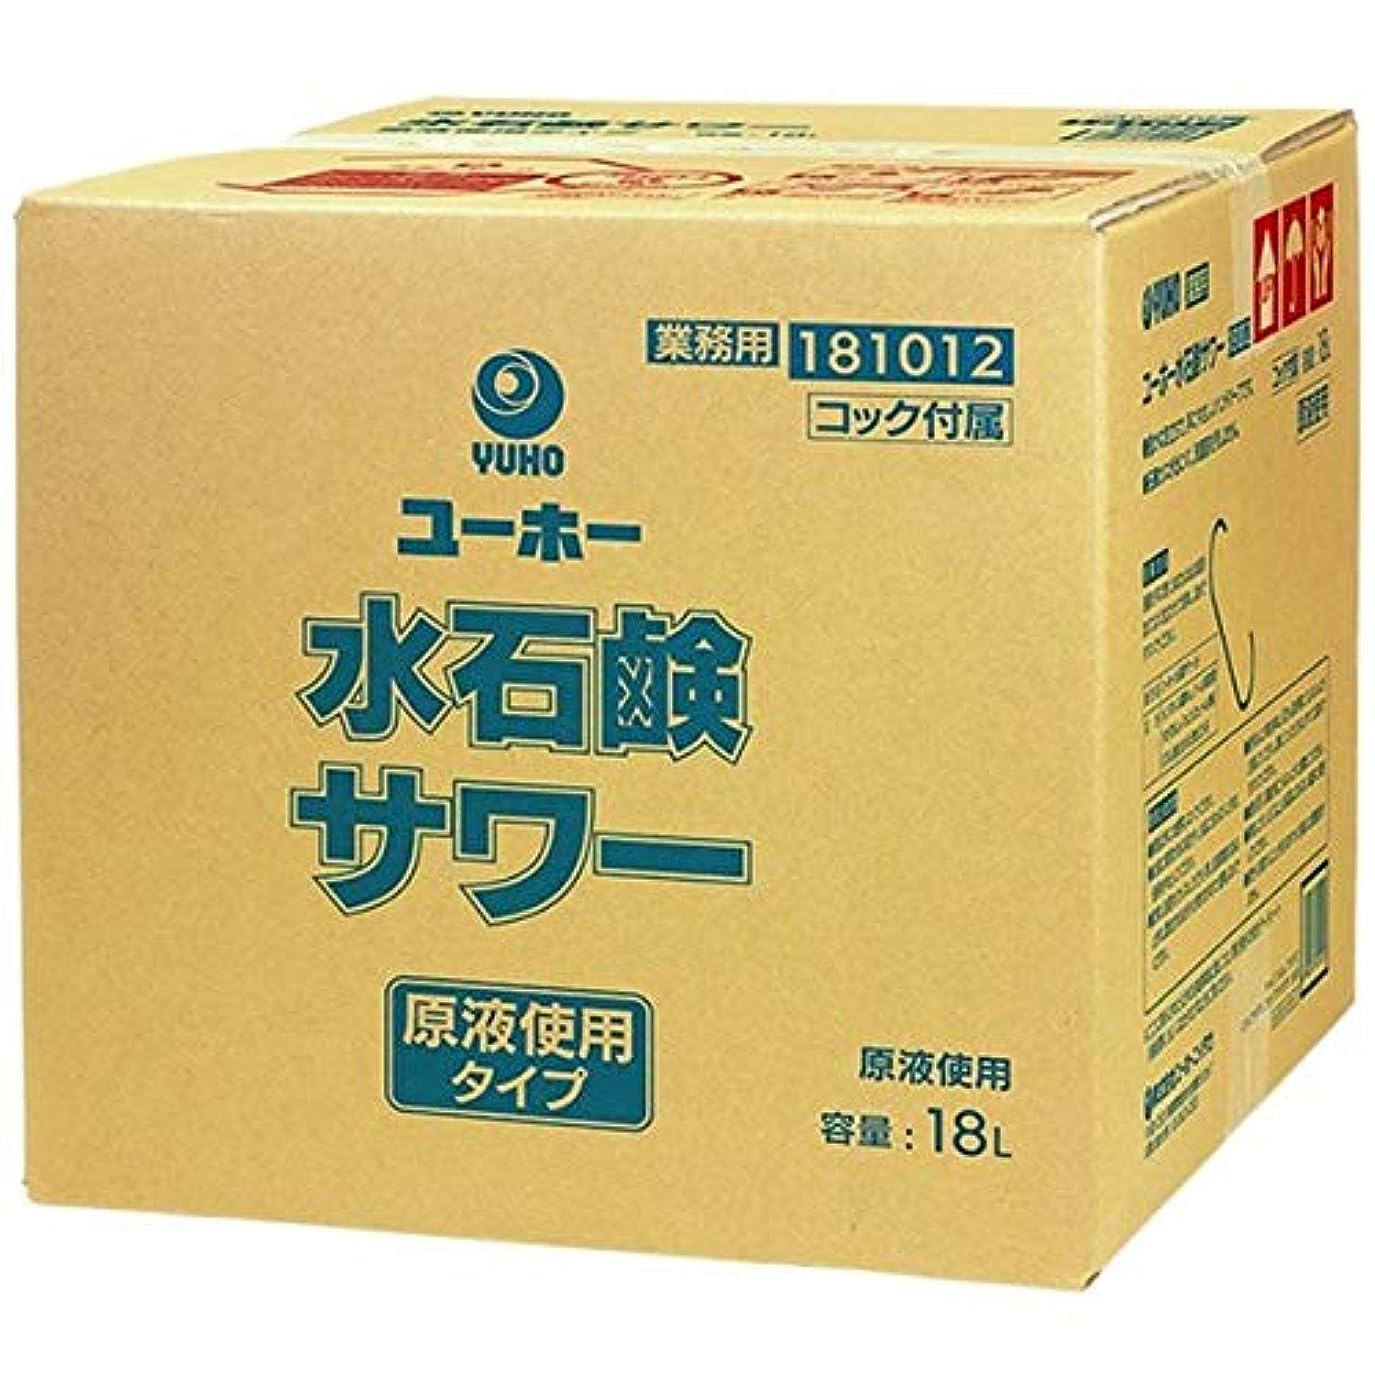 も規制虚偽業務用 ハンドソープ 水石鹸サワー 原液タイプ 18L 181011 (希釈しないで使用できる原液タイプのハンドソープ)